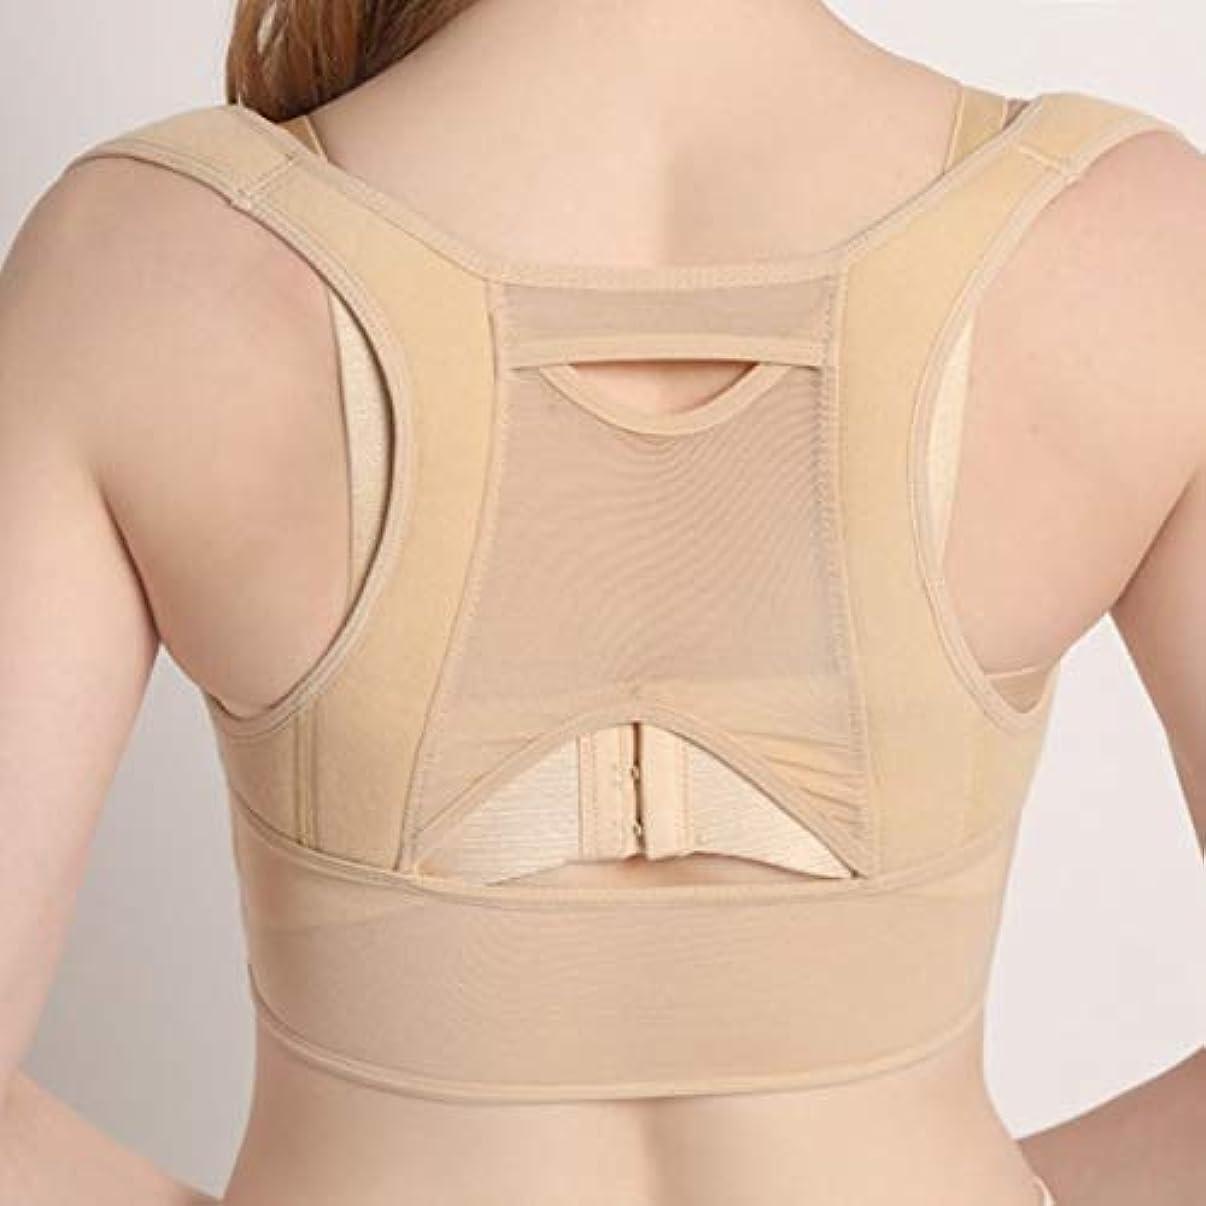 フロー腰フィードオン通気性のある女性の背中の姿勢矯正コルセット整形外科の背中の肩の背骨の姿勢矯正腰椎サポート - ベージュホワイトL